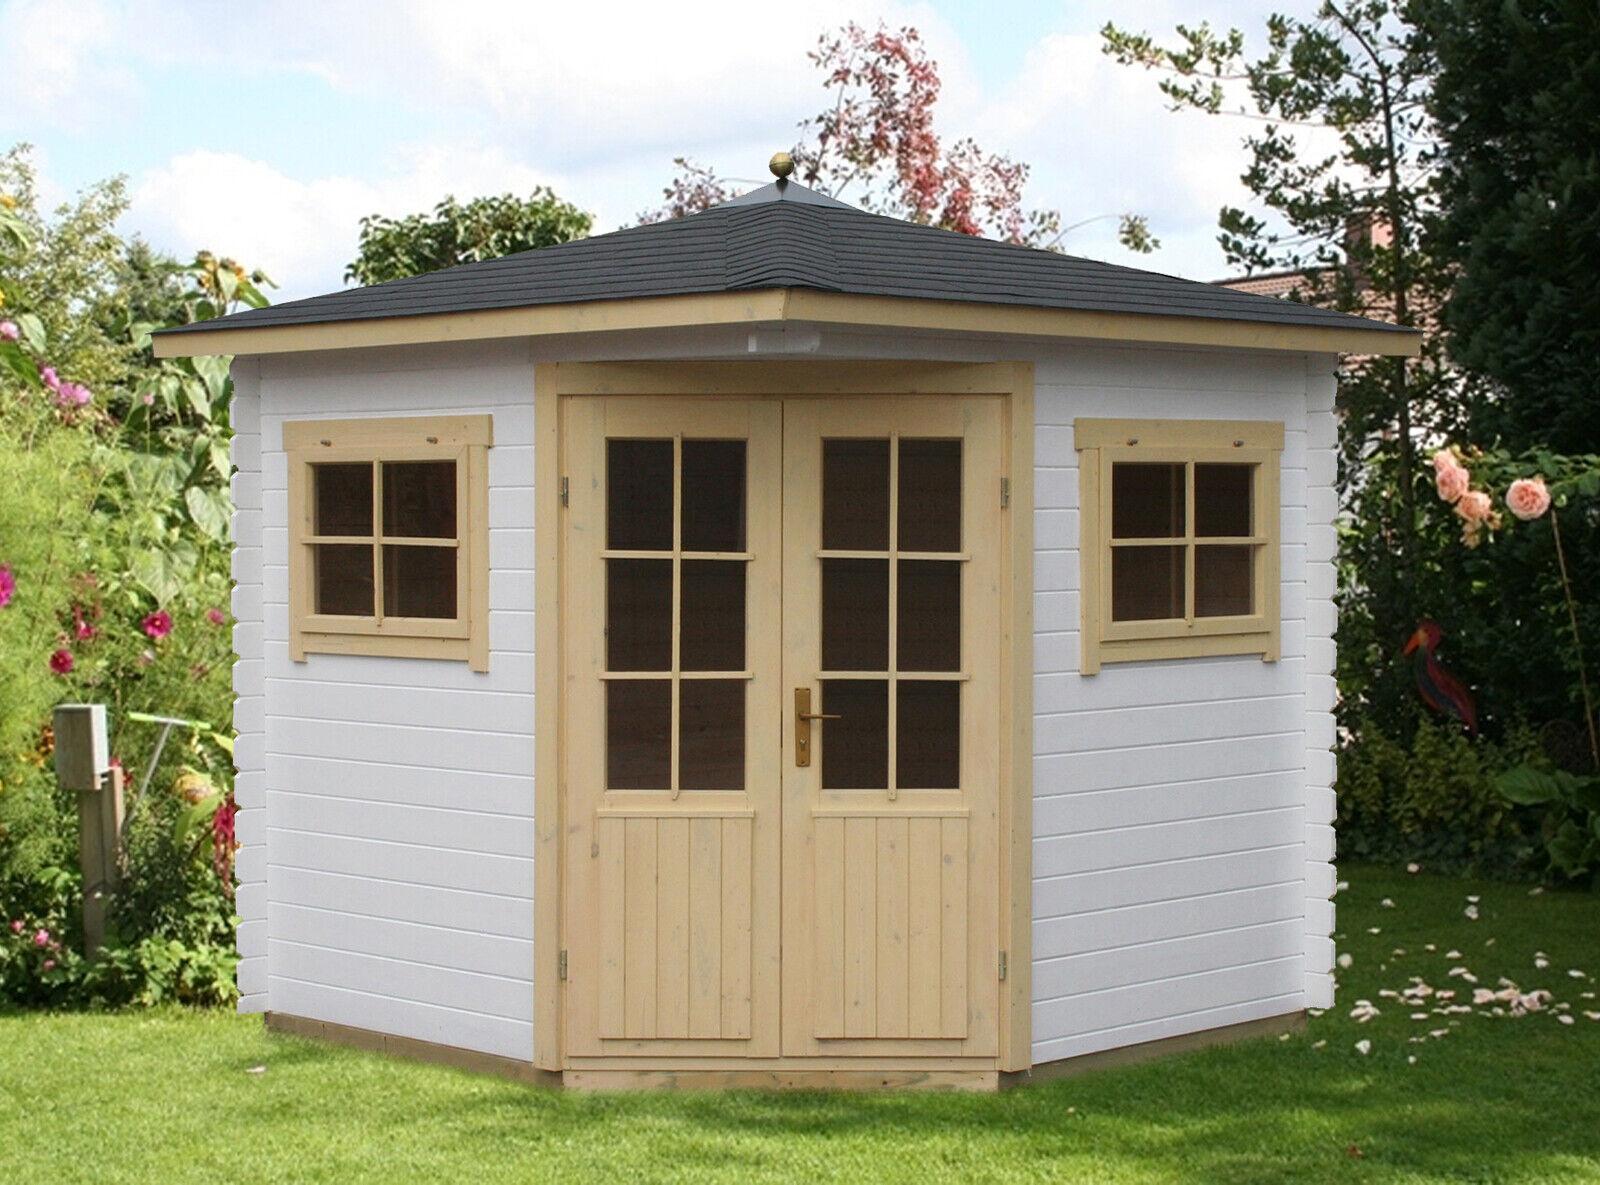 5-Eck Gartenhaus Sunny-A Holz 200x200 cm 28 mm Spitzdach Blockhaus Gerätehaus